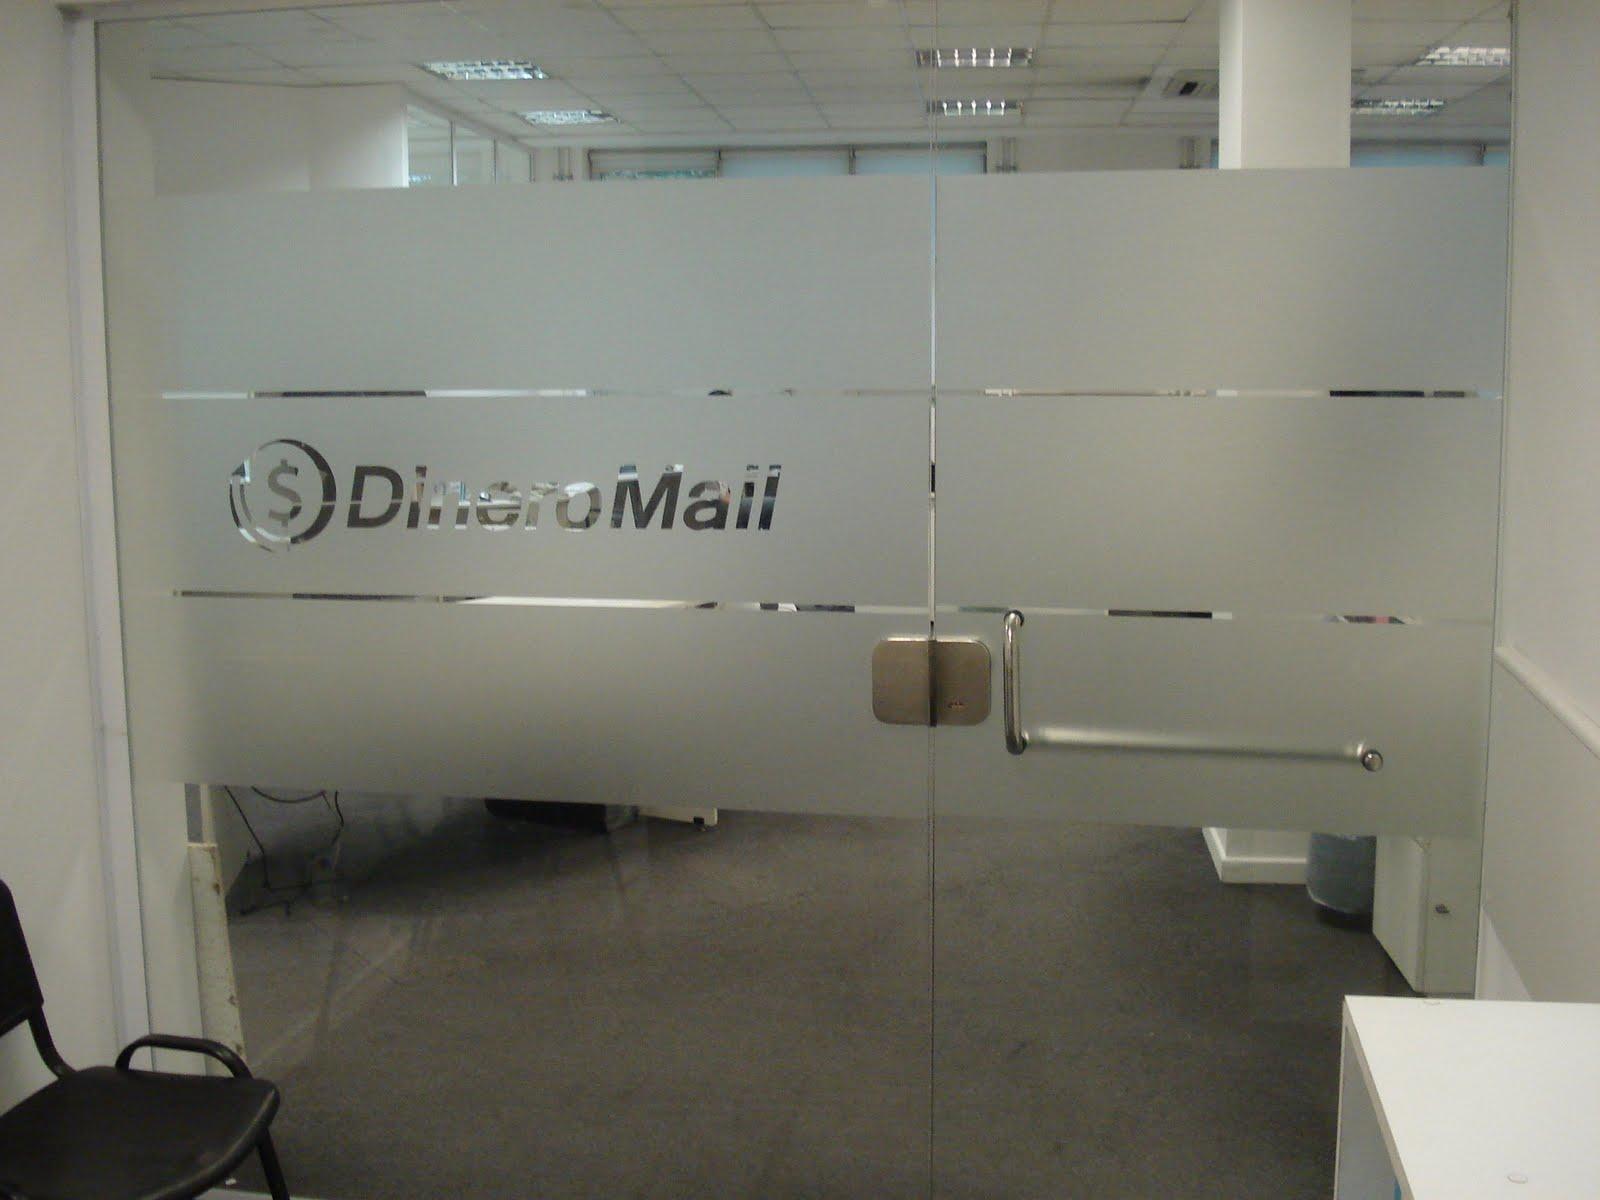 ... de Vidrios para oficinas: Esmerilado en oficinas de DineroMail